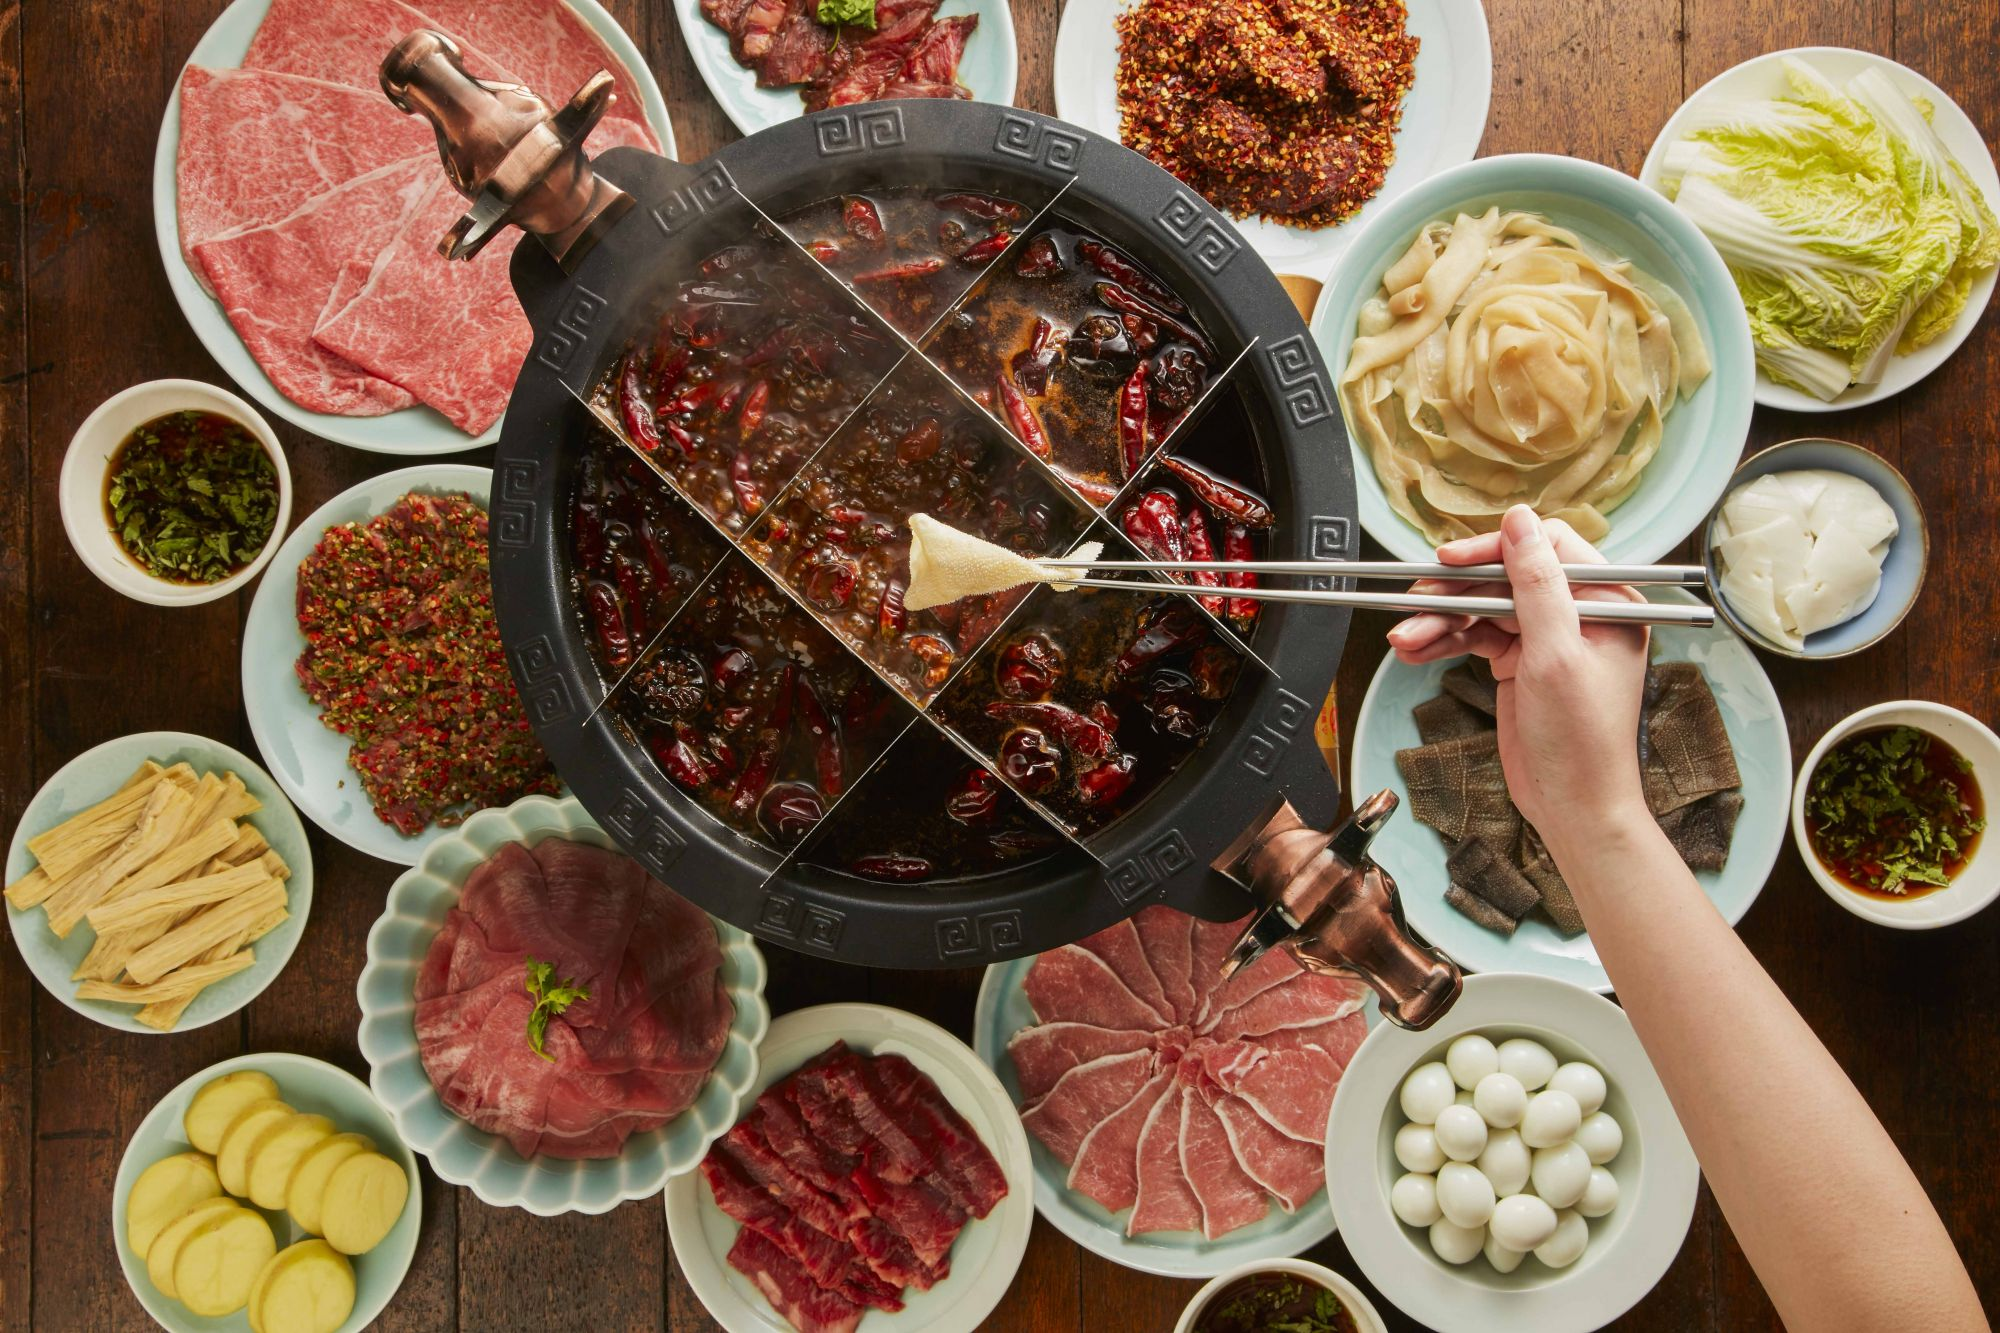 麻辣45承襲正宗重慶飲食文化,使用九宮格鍋涮煮食材。